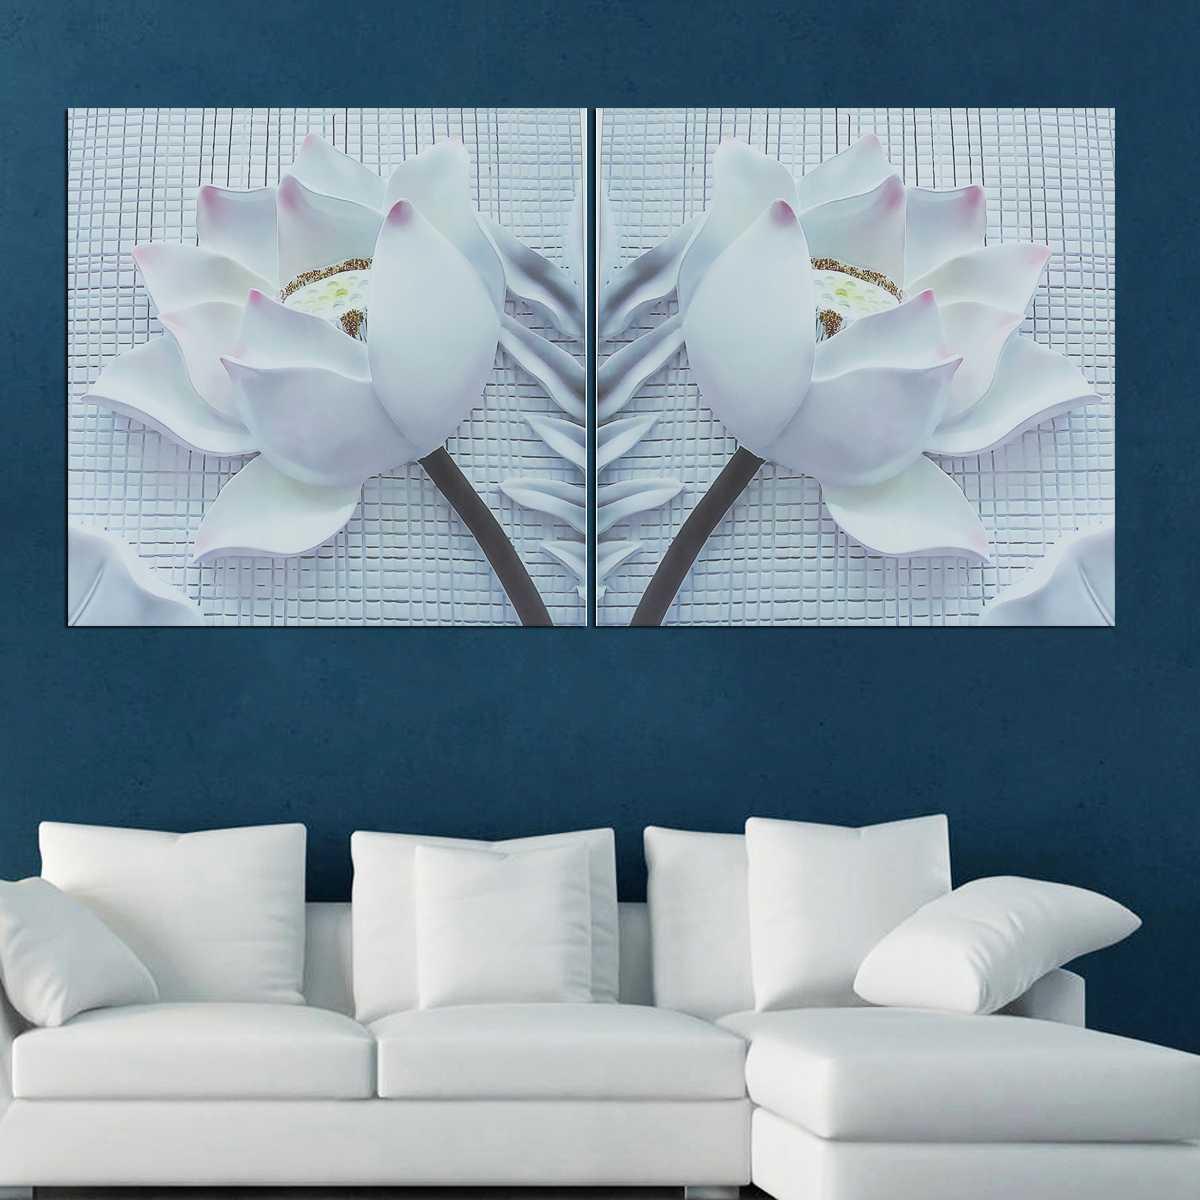 3D White Rose Cópia Da Lona Moderna Pintura Retrato Da Arte Da Parede Sem Moldura 2 Pcs 2 Tamanho Papel De Parede Casa Decoração Da Parede Do Casamento adesivo